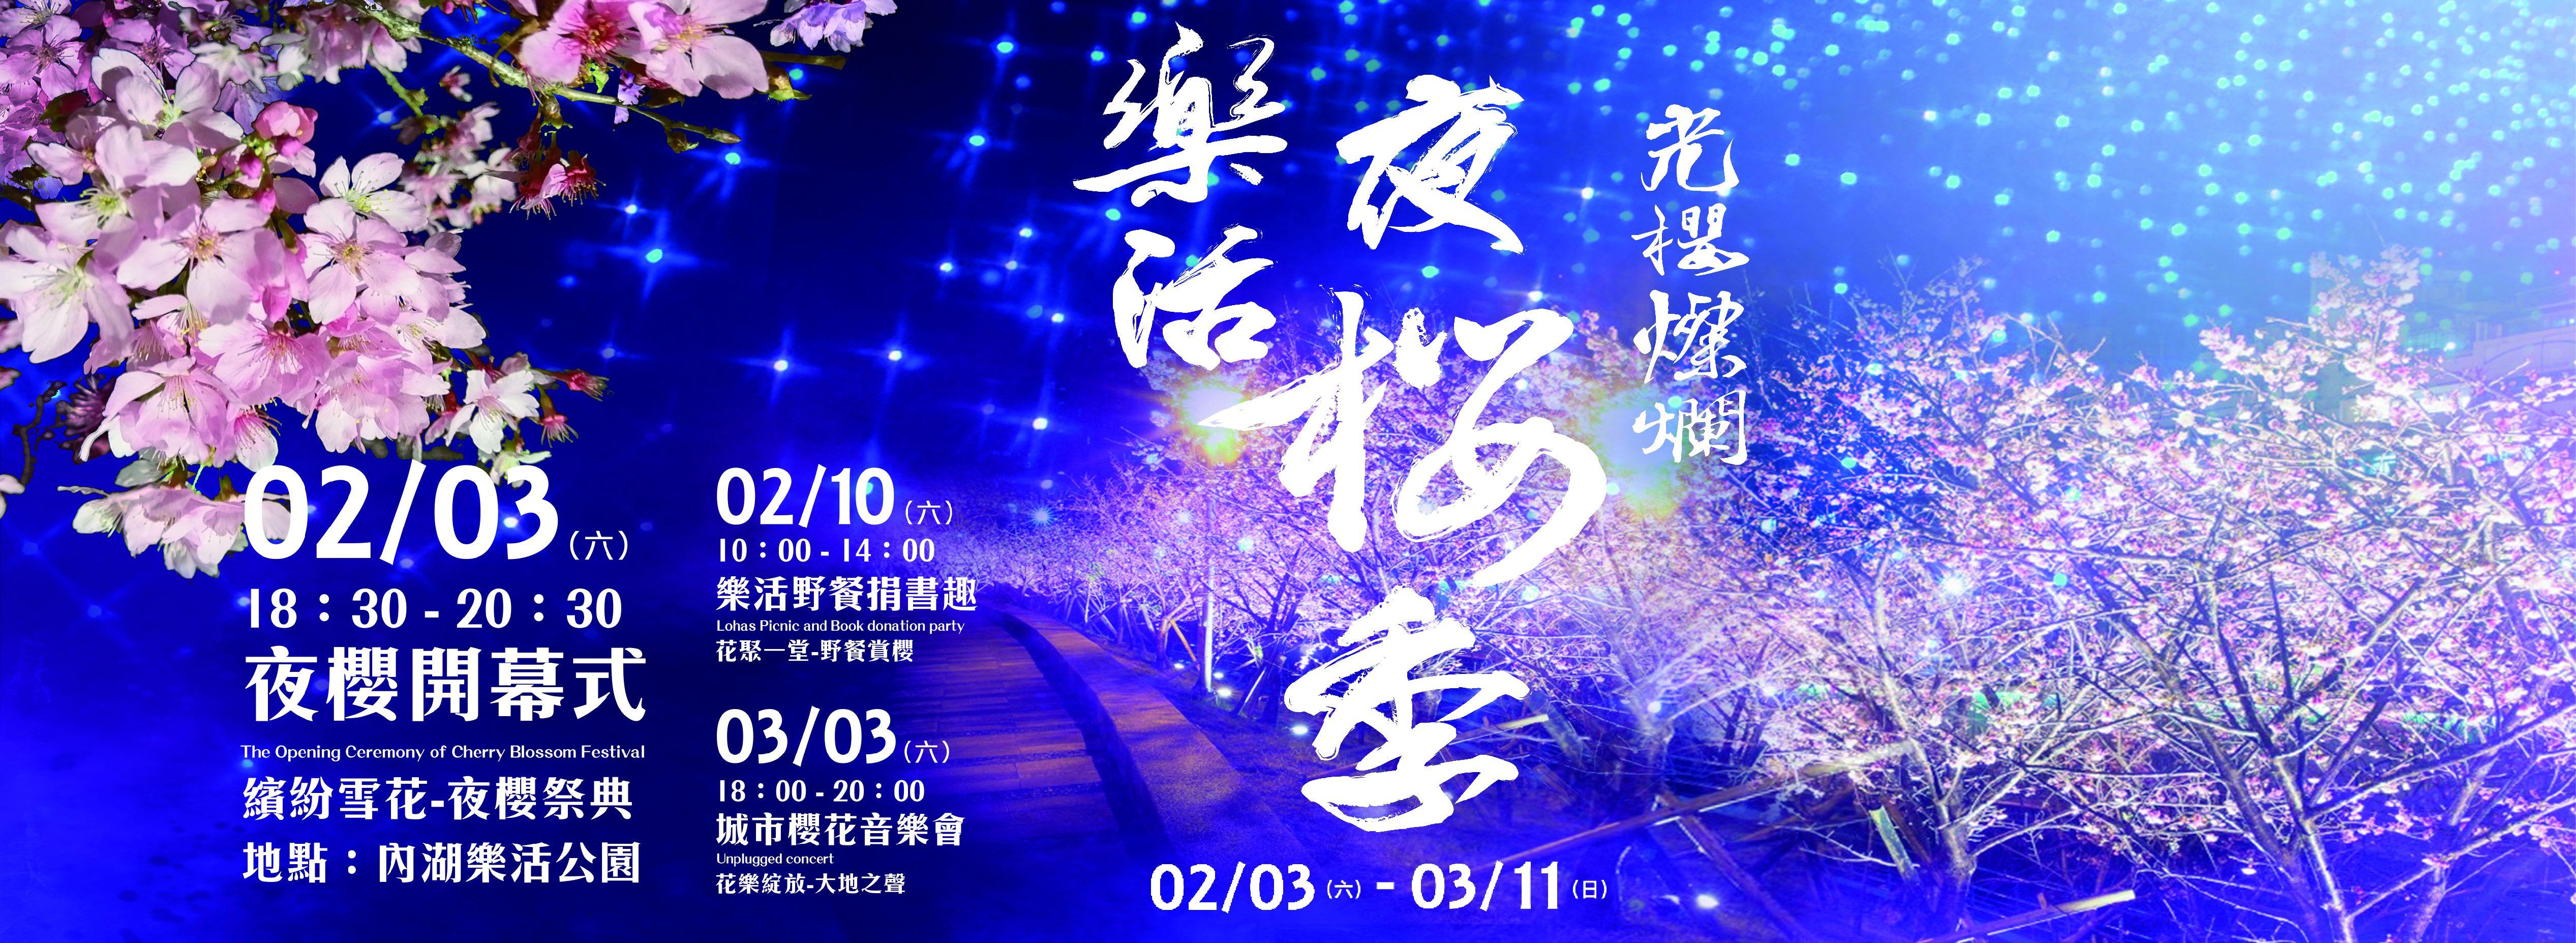 2018樂活夜櫻季